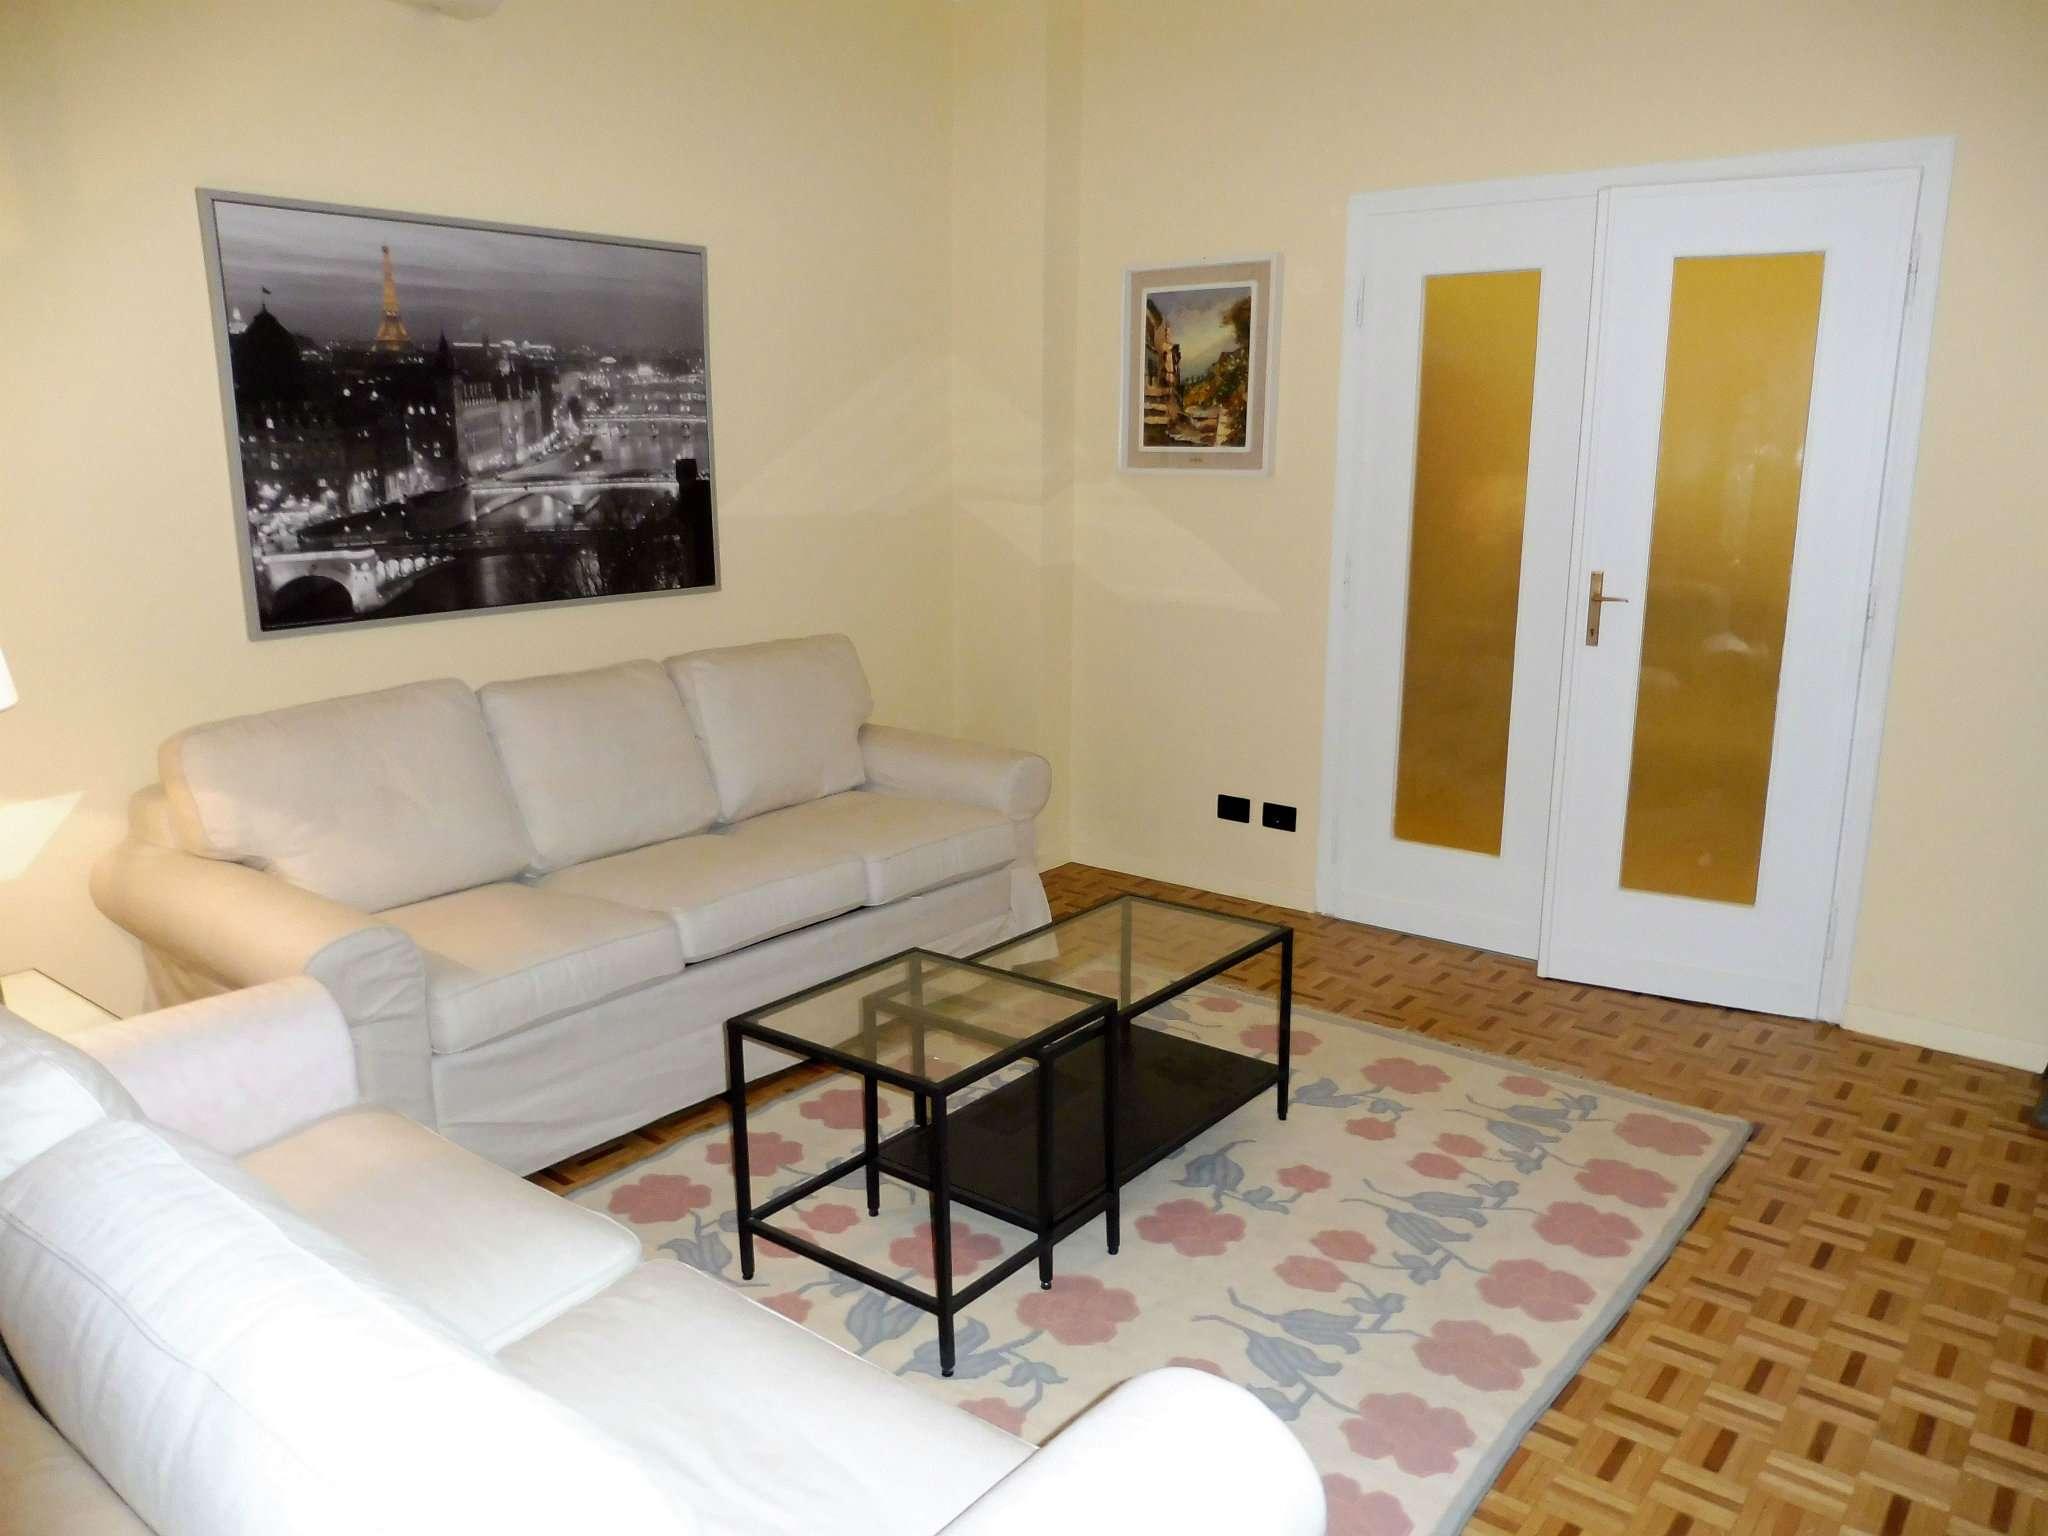 Foto 1 di Quadrilocale via San Marino, Torino (zona Santa Rita)